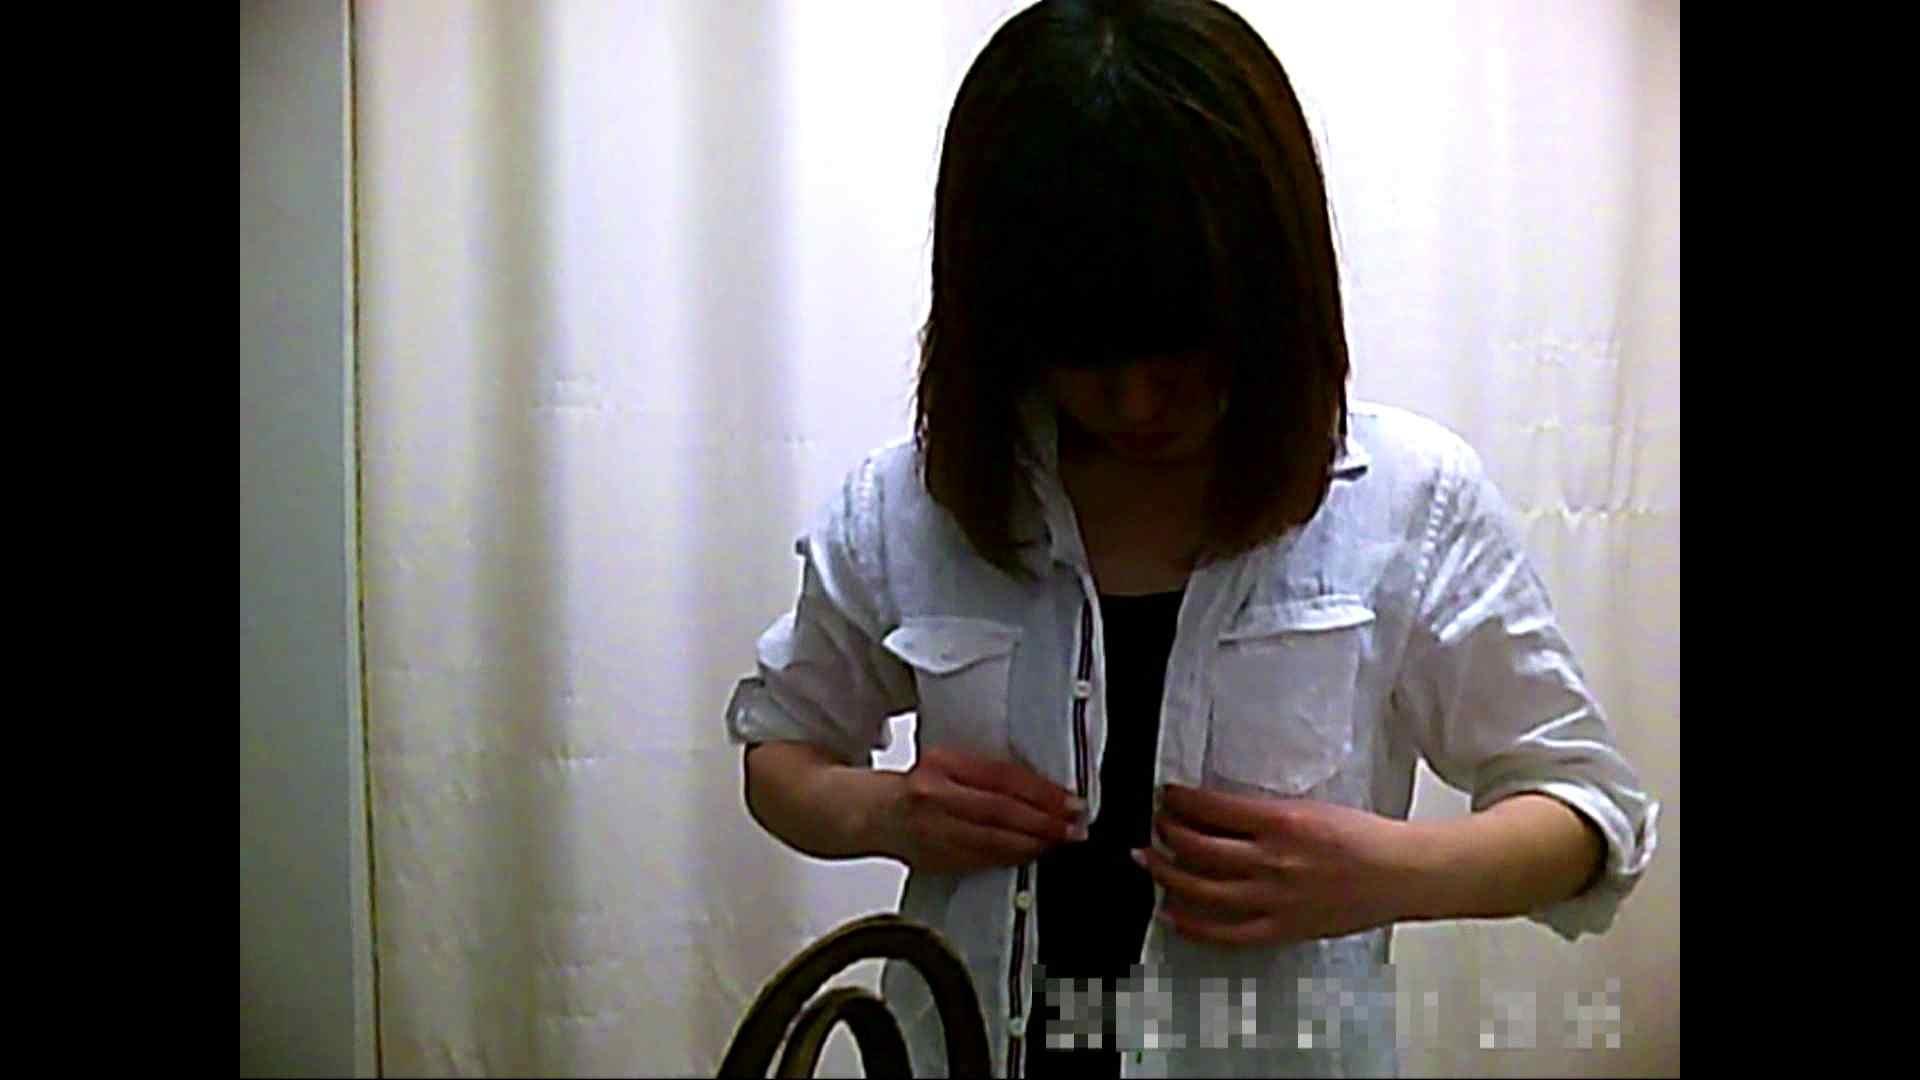 元医者による反抗 更衣室地獄絵巻 vol.004 OL  94pic 31